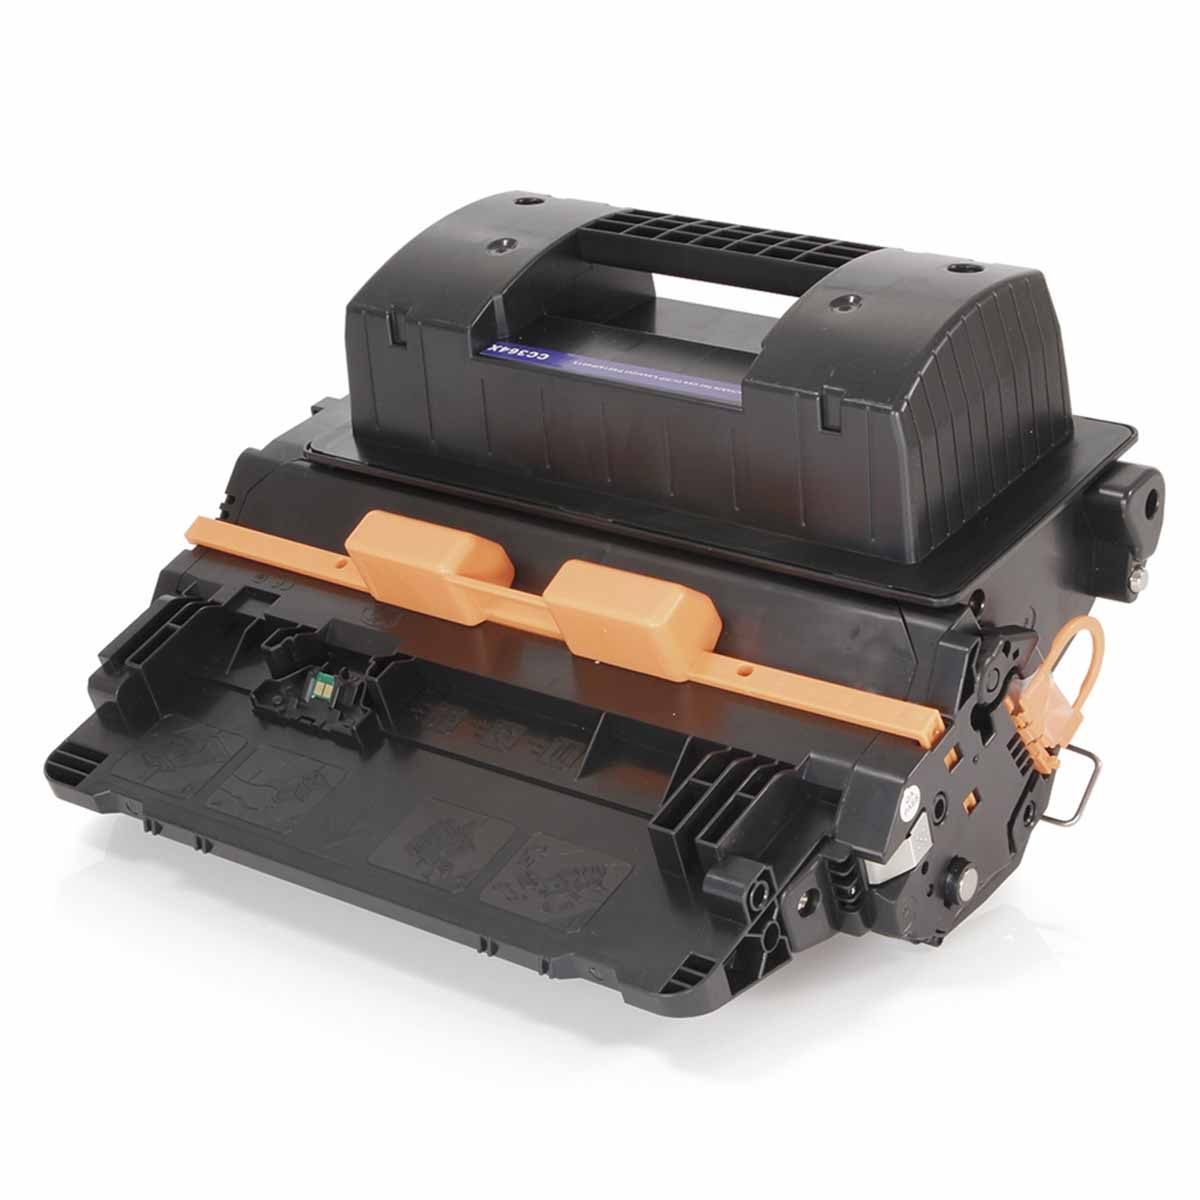 CARTUCHO HP (CC364X/CE390X) P4015/P4015N/P4015DN/P4015TN/P4515/P4515N/P4515X/P4515XM/M602N/M601/M603/M4555 COMPATIVEL